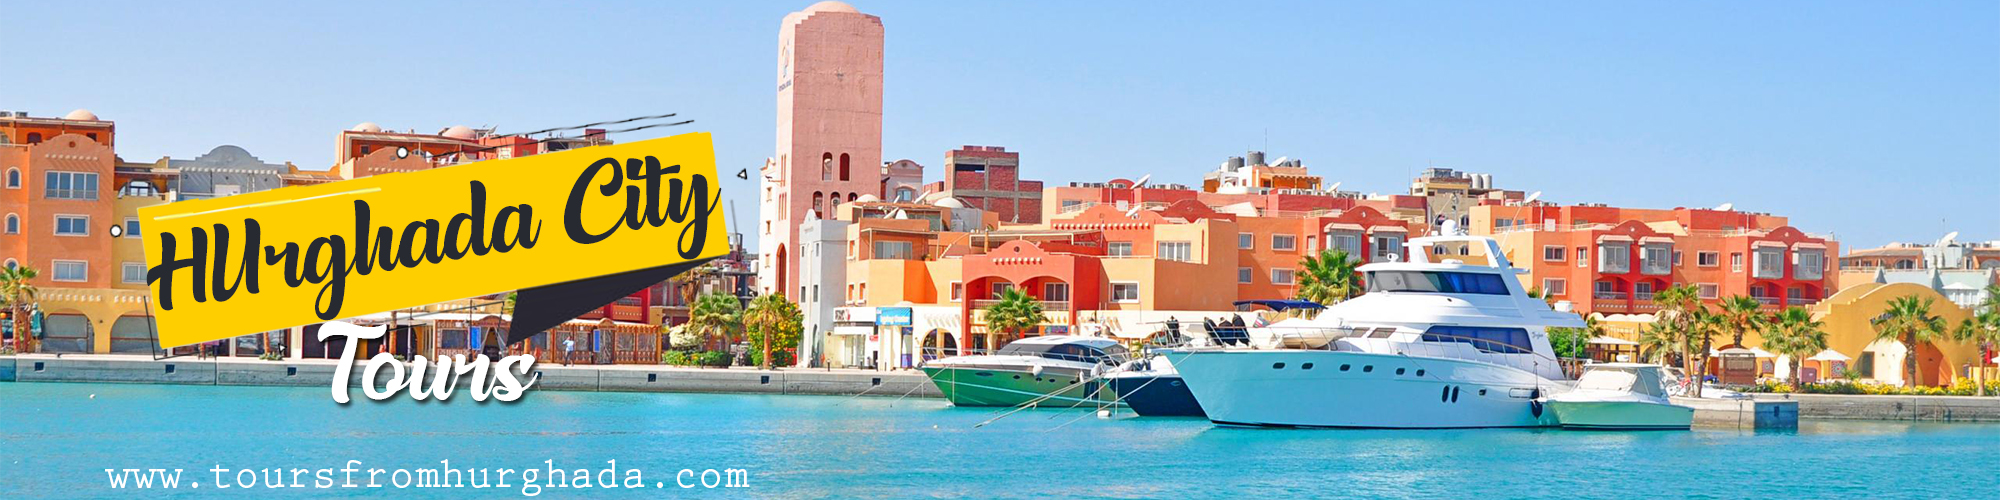 Hurghada City Tours - Tours From Hurghada